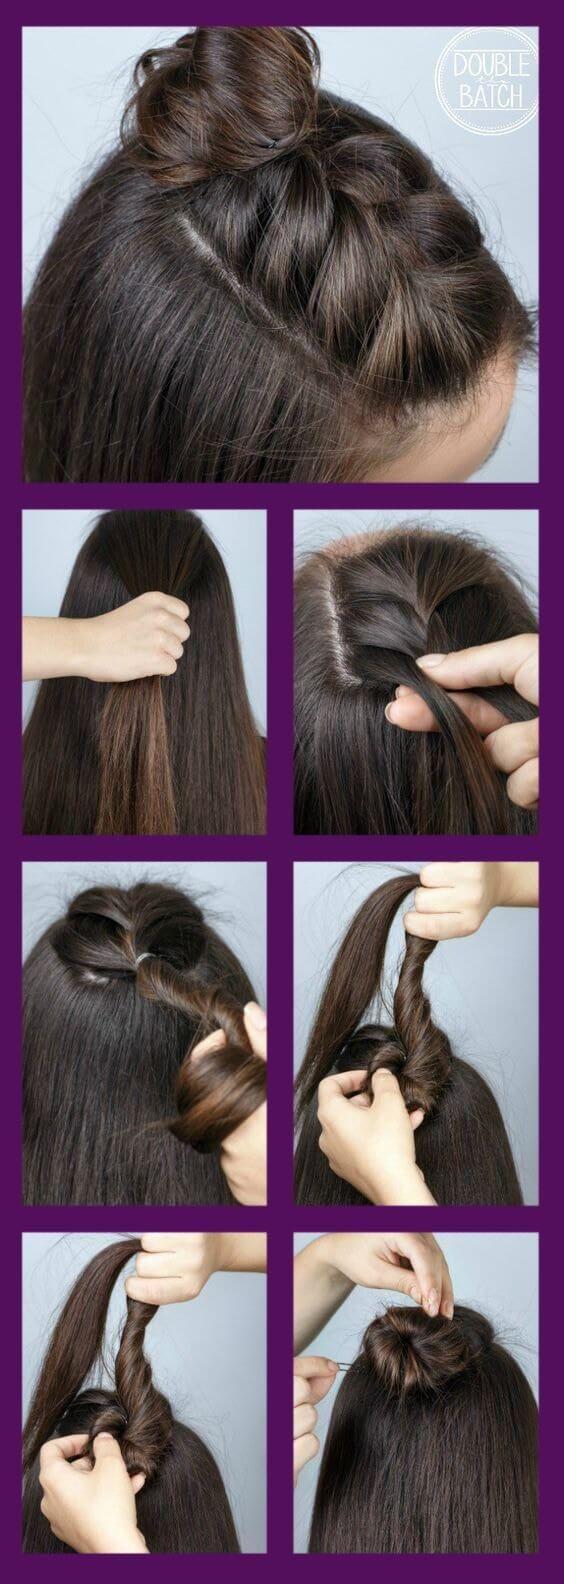 Resultado De Imagen Para Peinados Faciles Peinados Faciles Para Cabello Corto Peinados Faciles Pelo Corto Peinados Tumblr Faciles